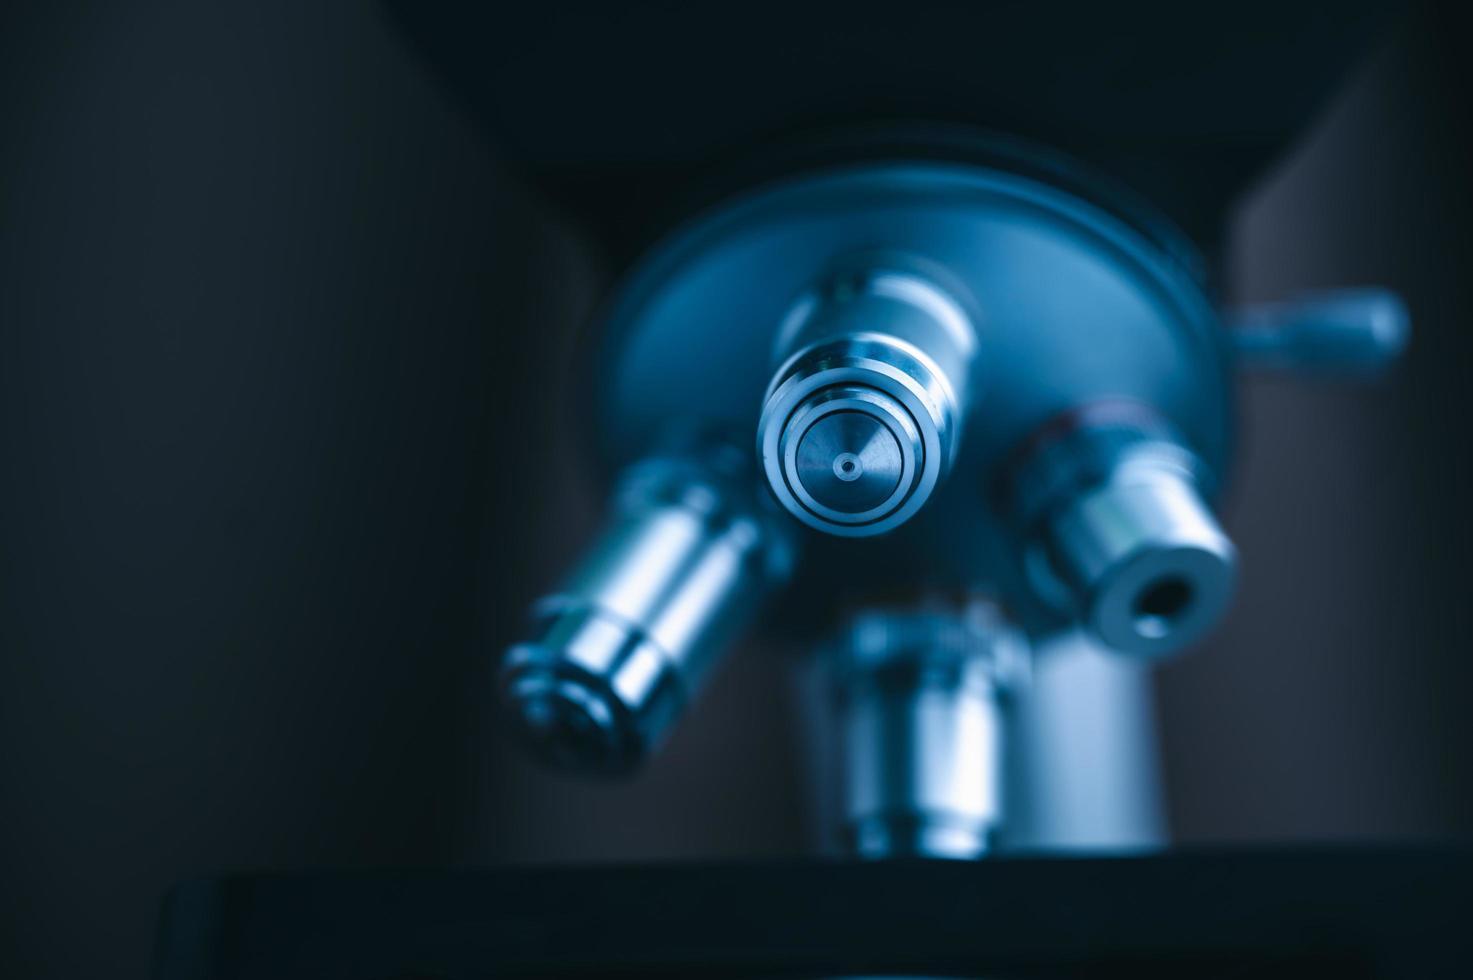 microscopio sobre fondo oscuro foto